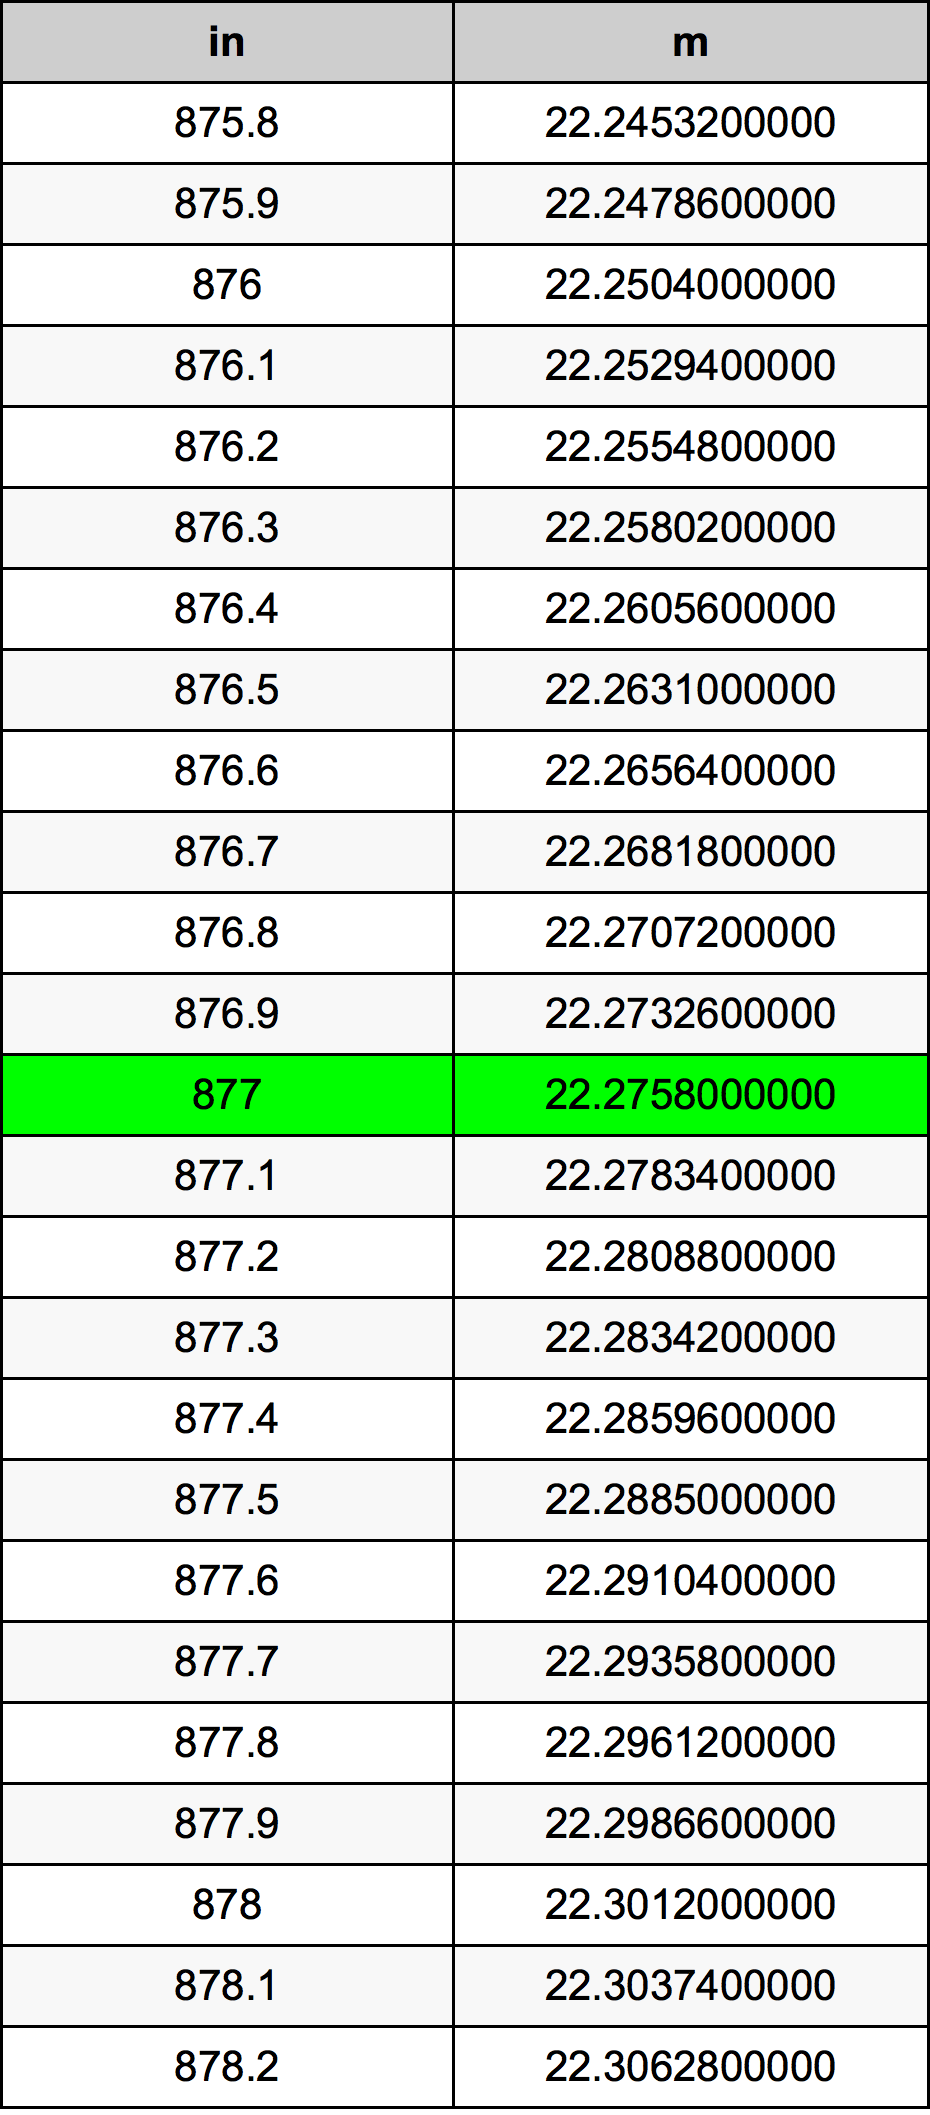 877 Inch conversietabel